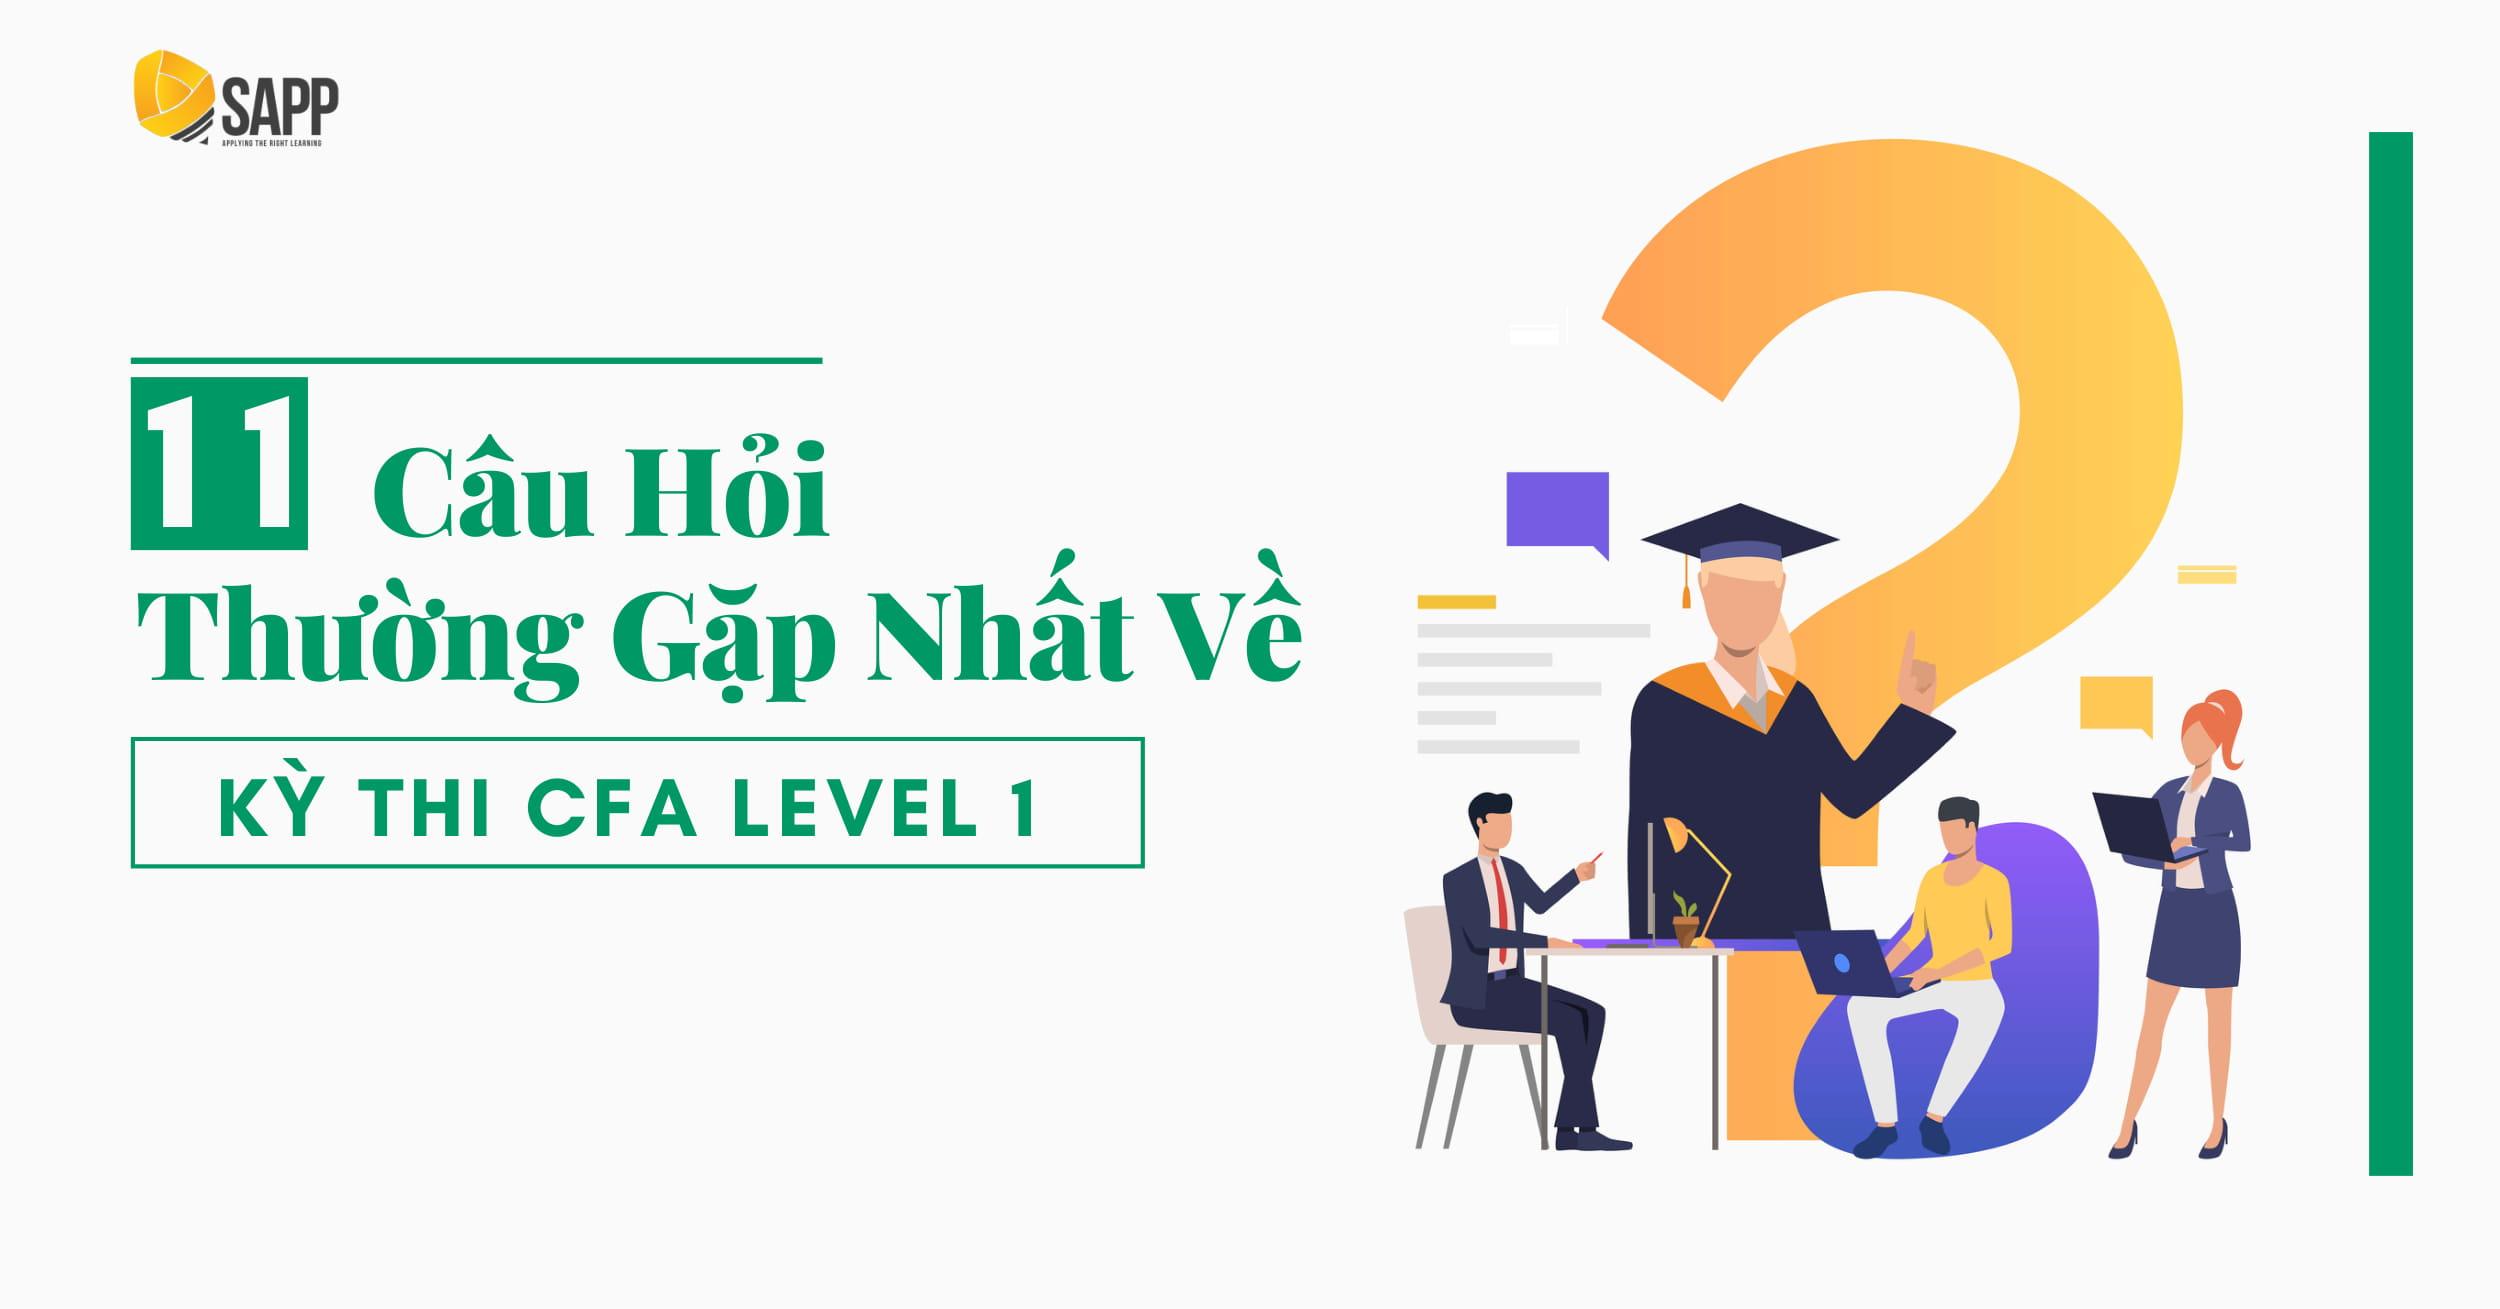 11 Câu Hỏi Thường Gặp Nhất Về Kỳ Thi CFA Level 1